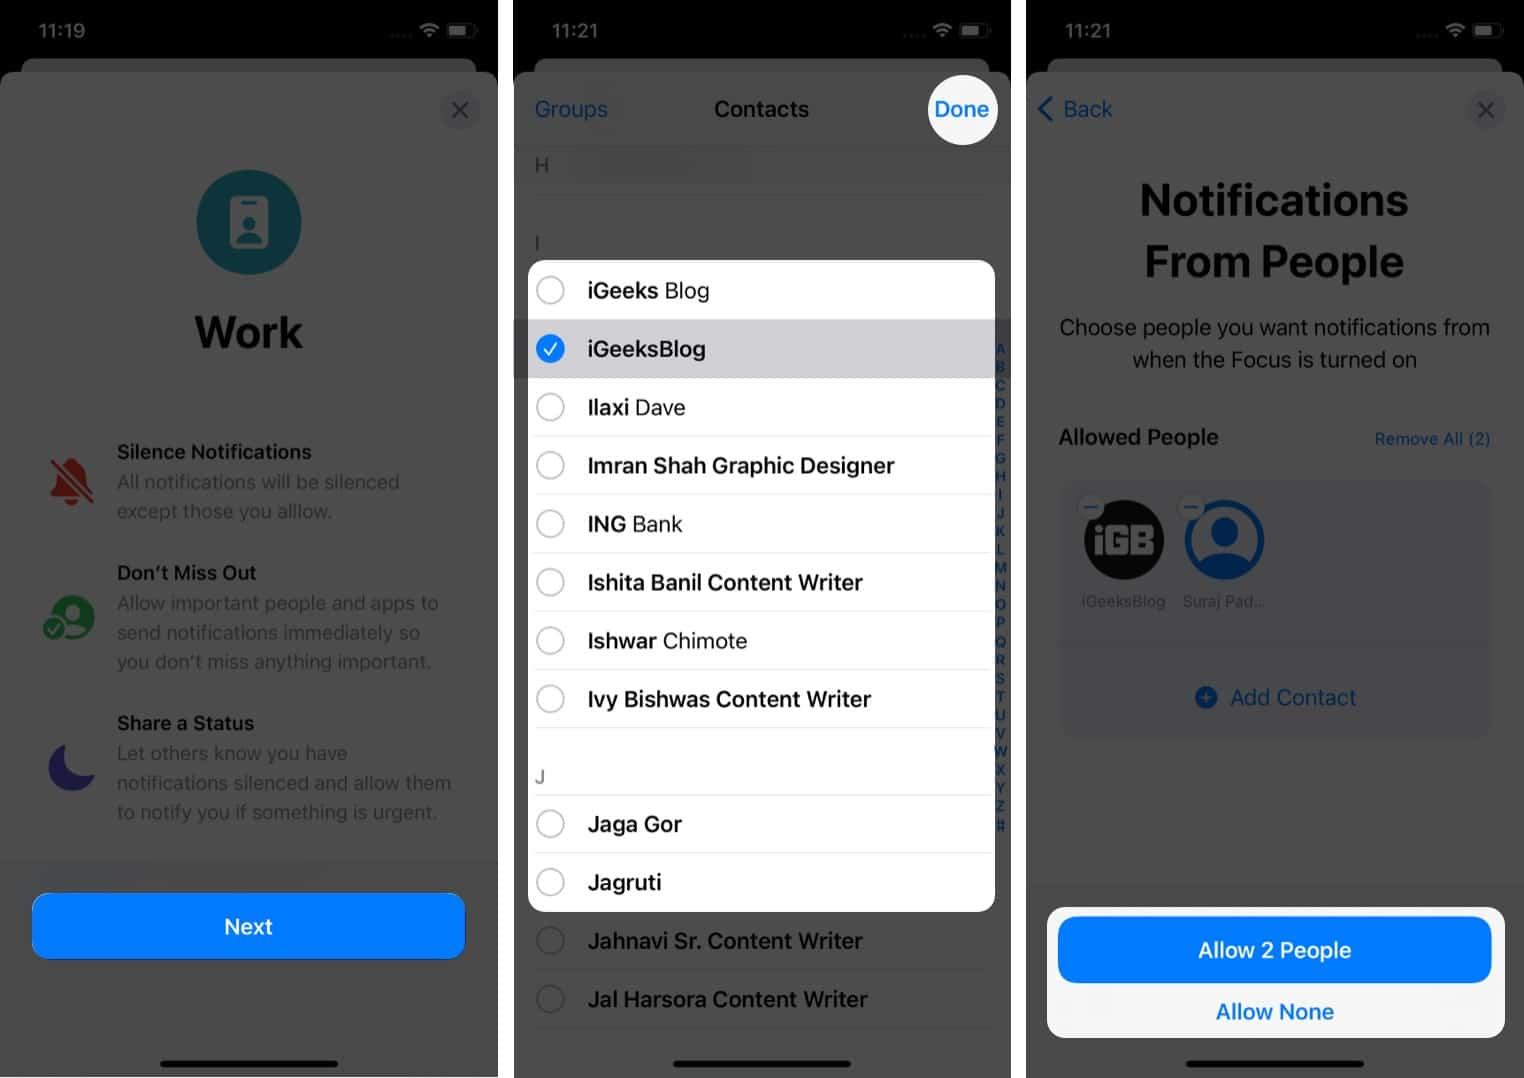 Fügen Sie Kontakte hinzu, von denen Sie Benachrichtigungen im iOS 15 Focus-Modus erhalten möchten